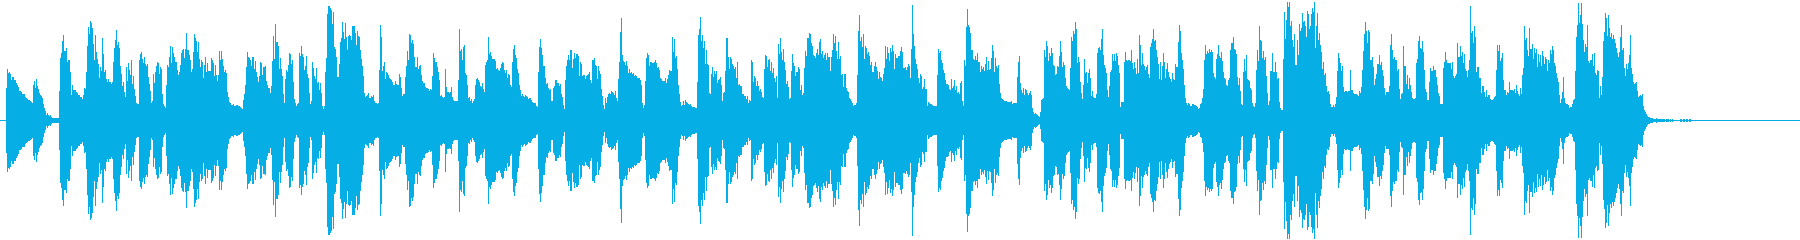 ぶどうをテーマにした楽曲の再生済みの波形